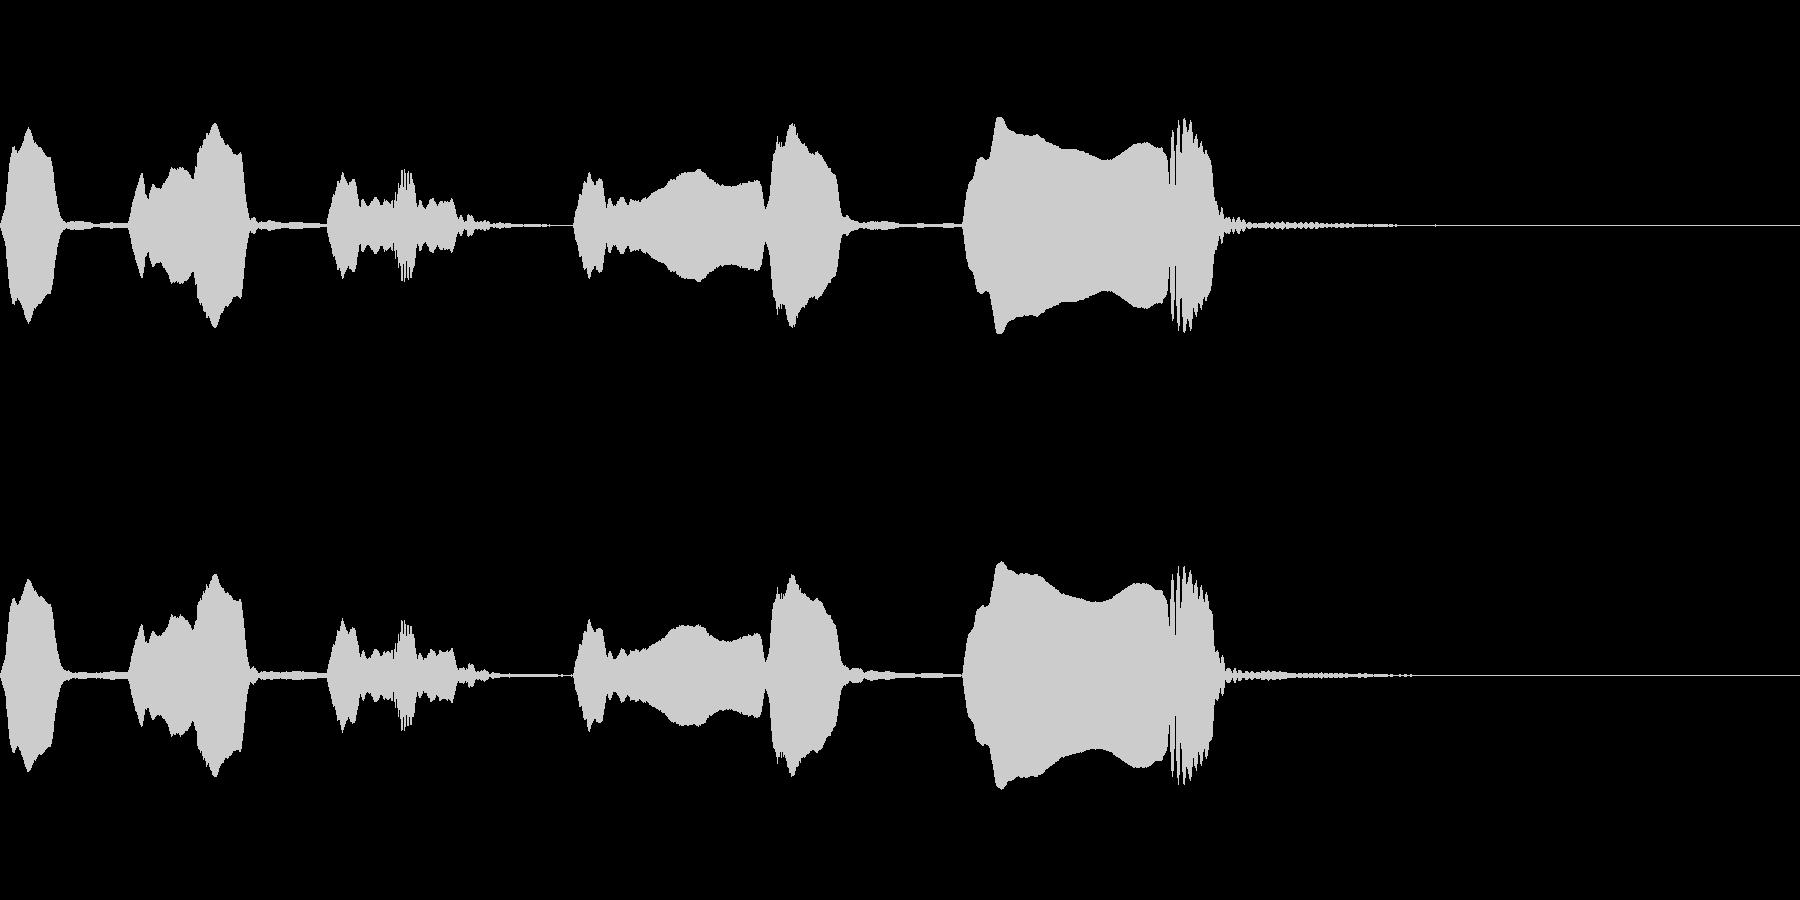 ジングル リコーダー 日常 緩いの未再生の波形